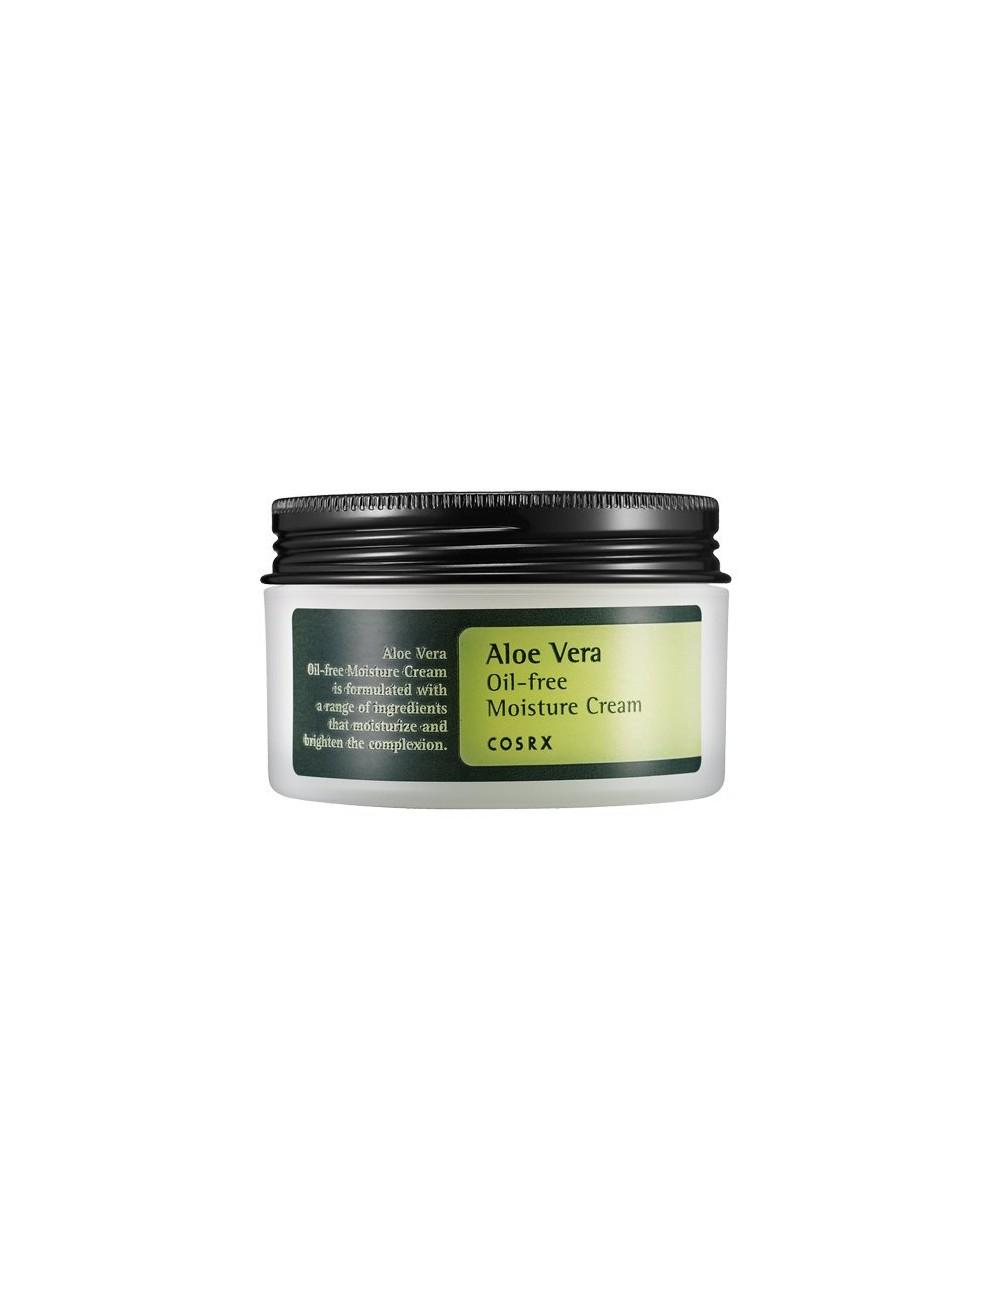 Crema Hidratante y Calmante COSRX Aloe Vera Oil-free Moisture Cream